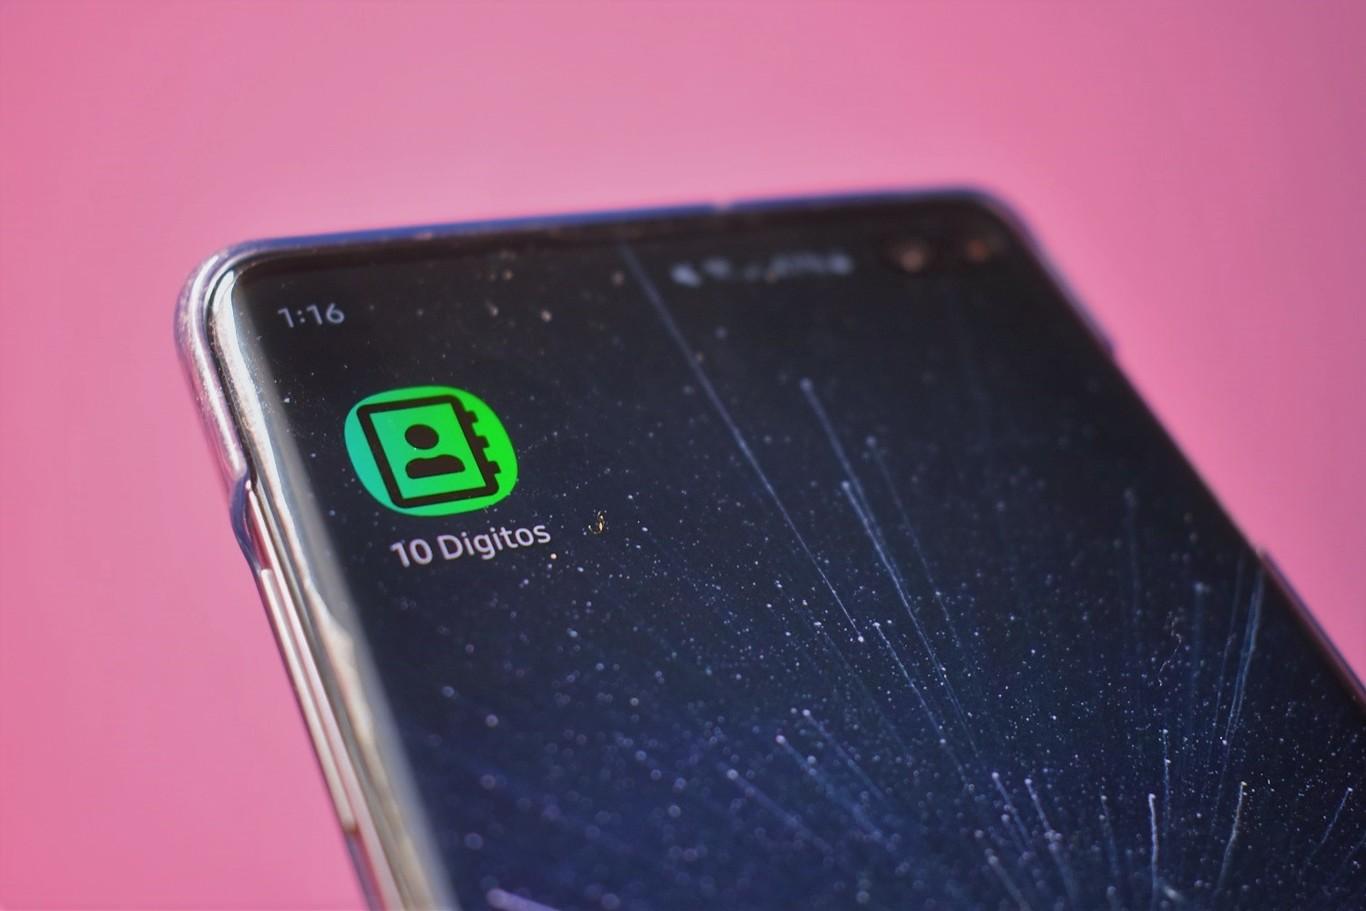 Cómo cambiar todos los contactos a la nueva marcación de diez dígitos en Android y iOS en México